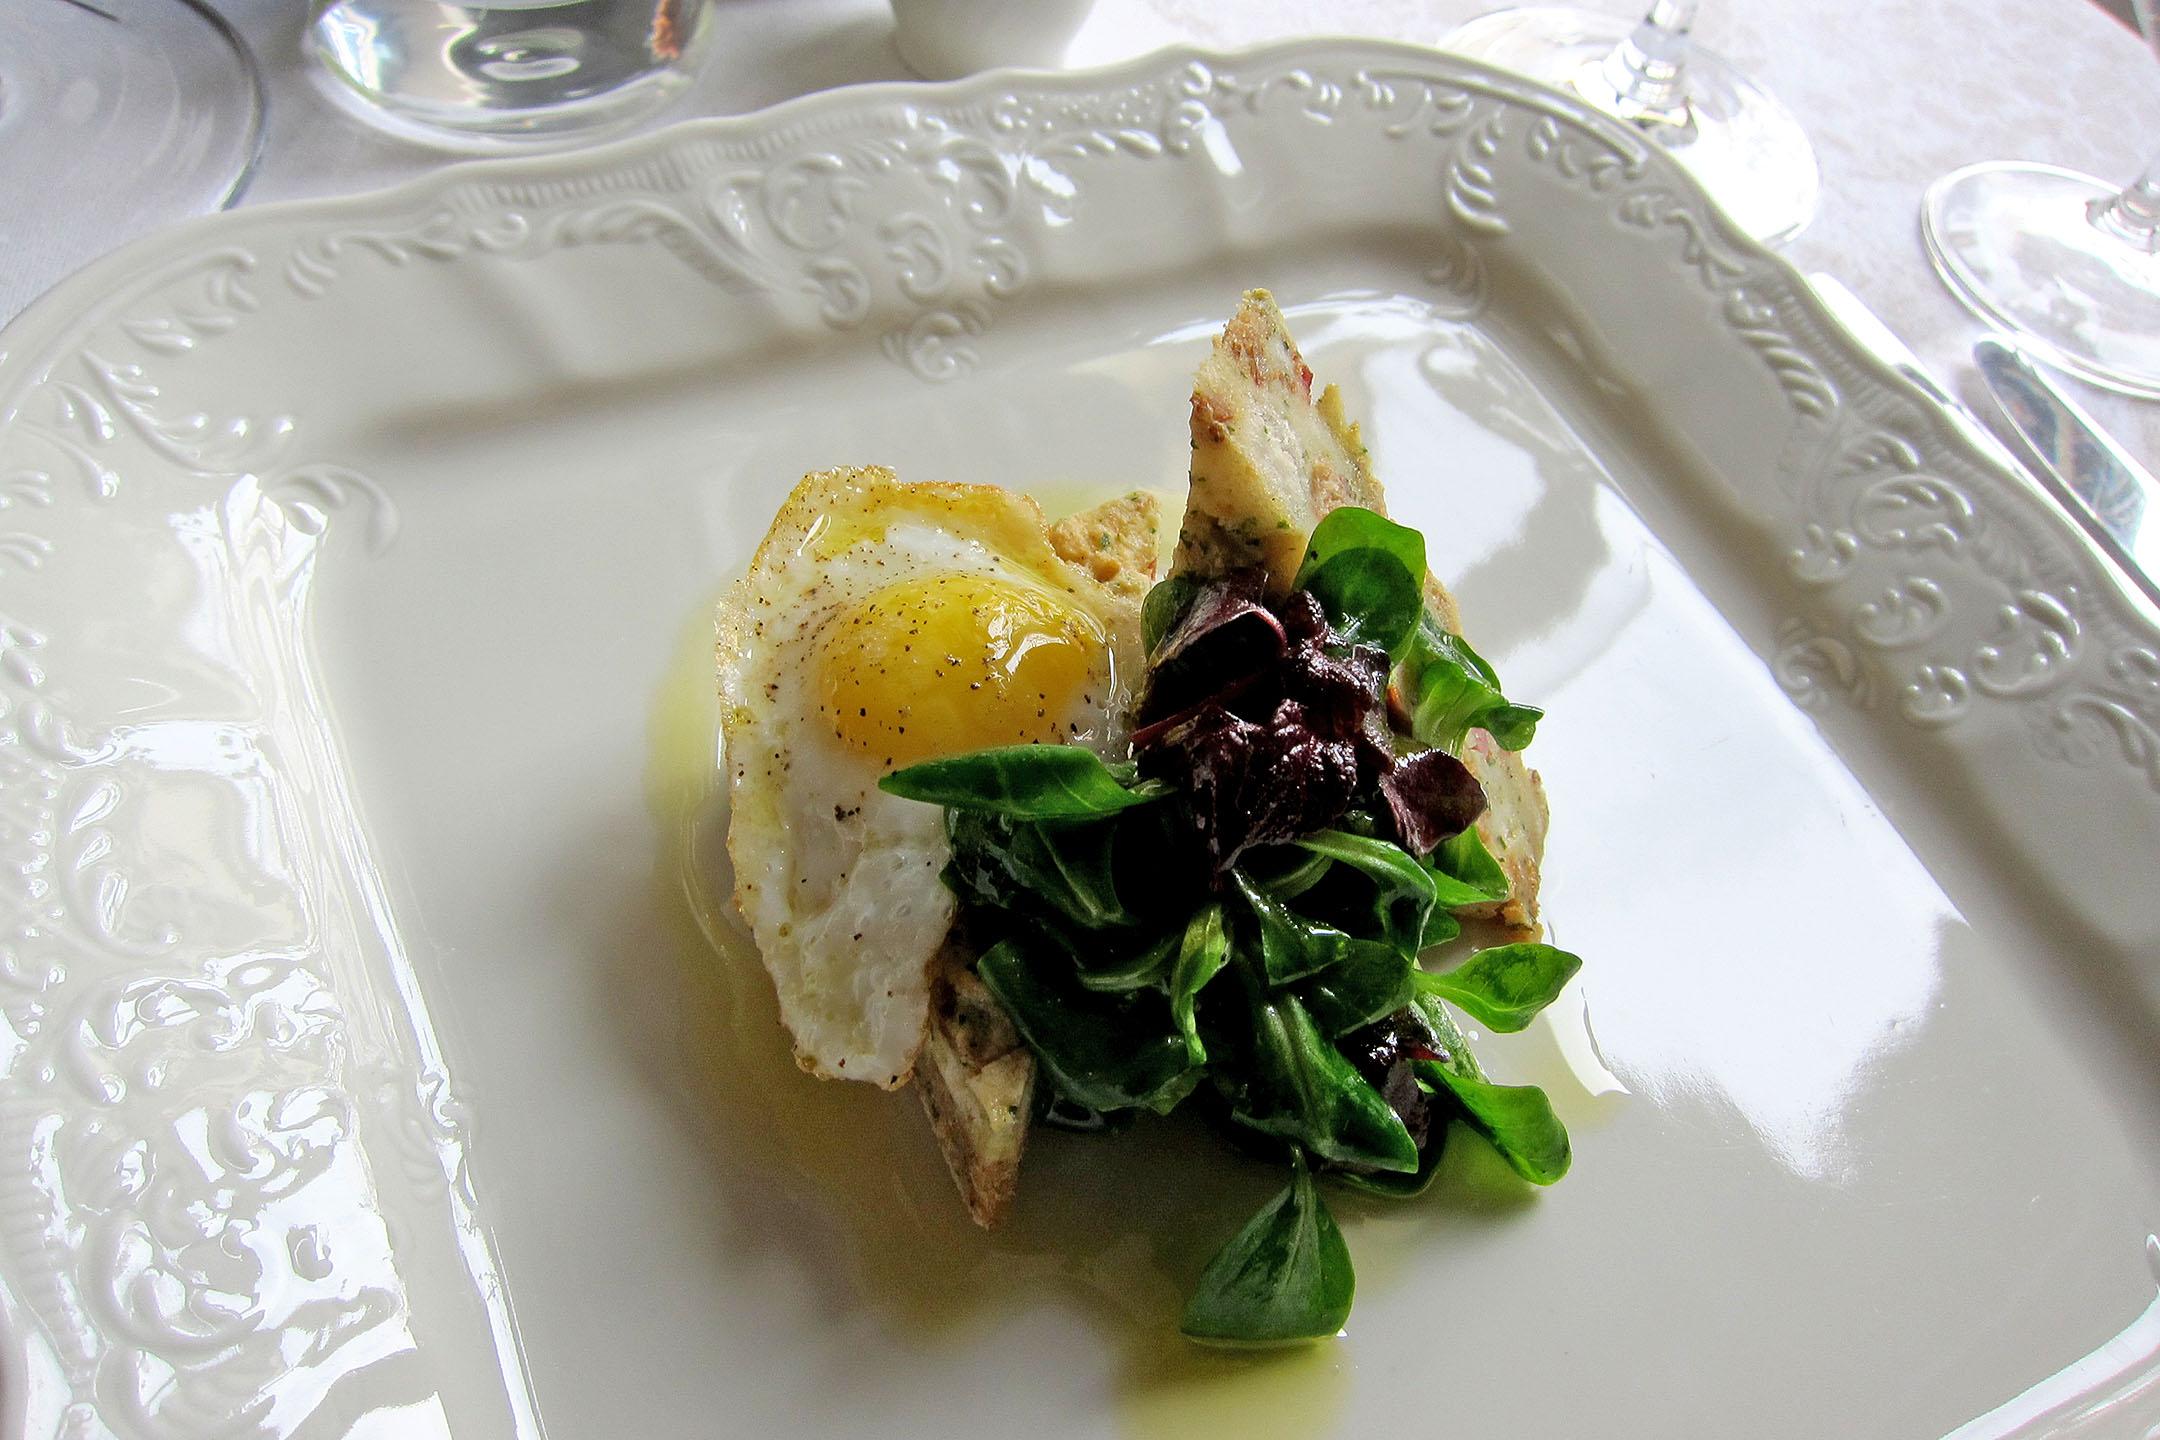 Velikonoční předkrm Kopřivová nádivka s voňavým domácím uzeným masem, polníčkovým salátem a křepelčím vajíčkem